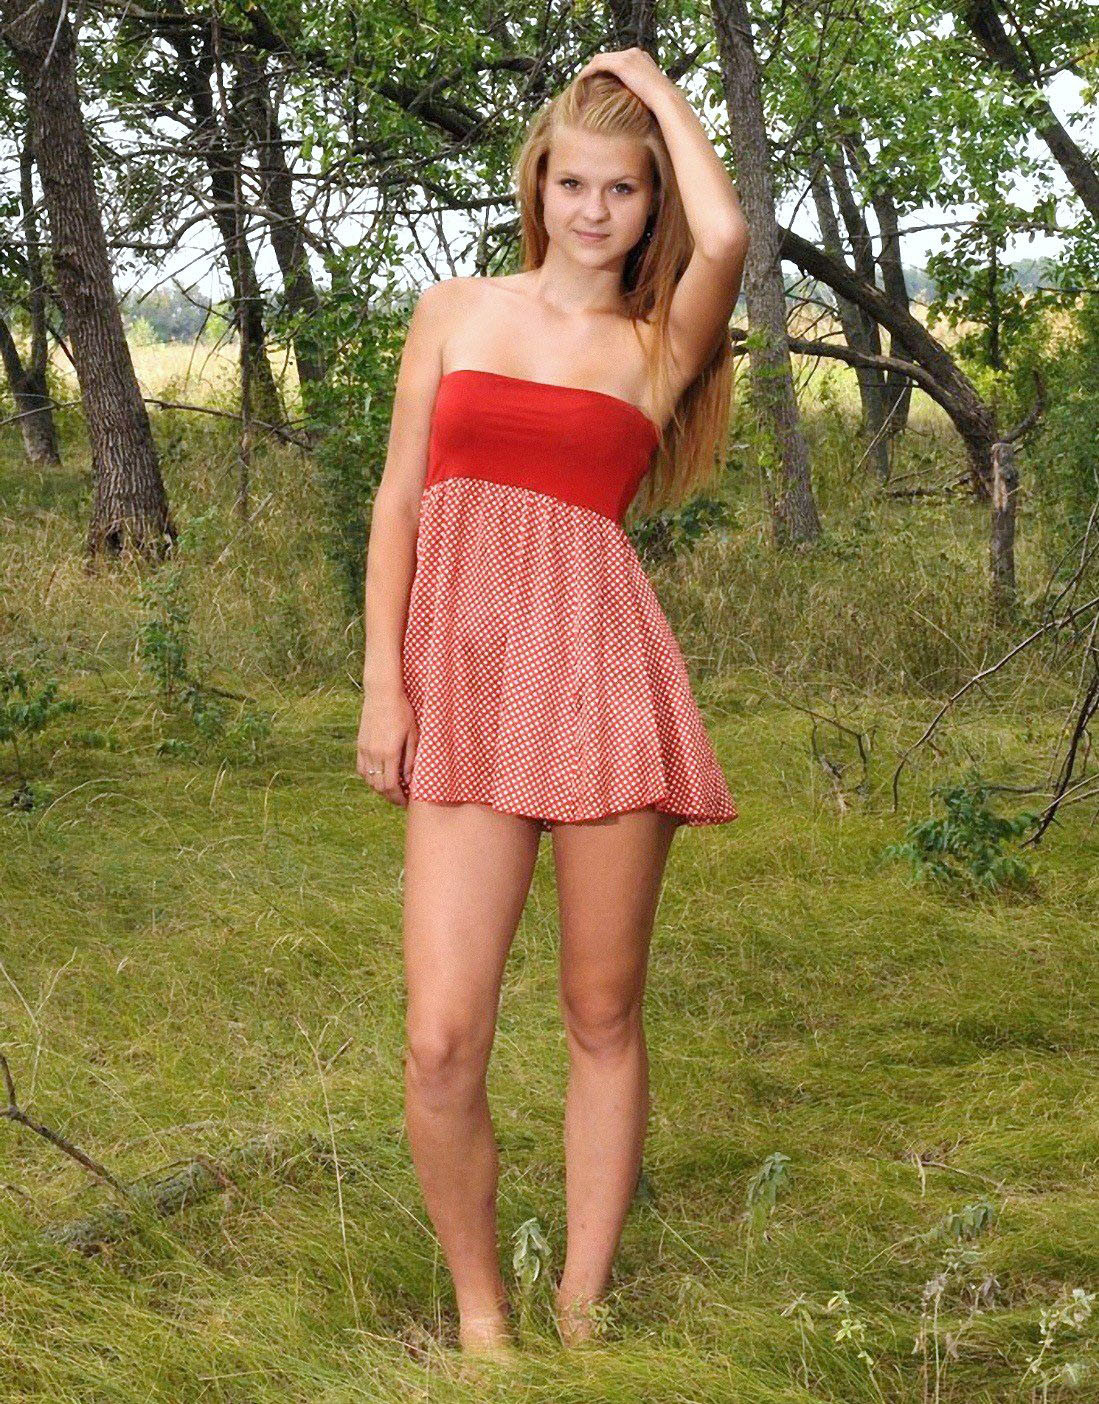 фото девушек в юбках и челках раком